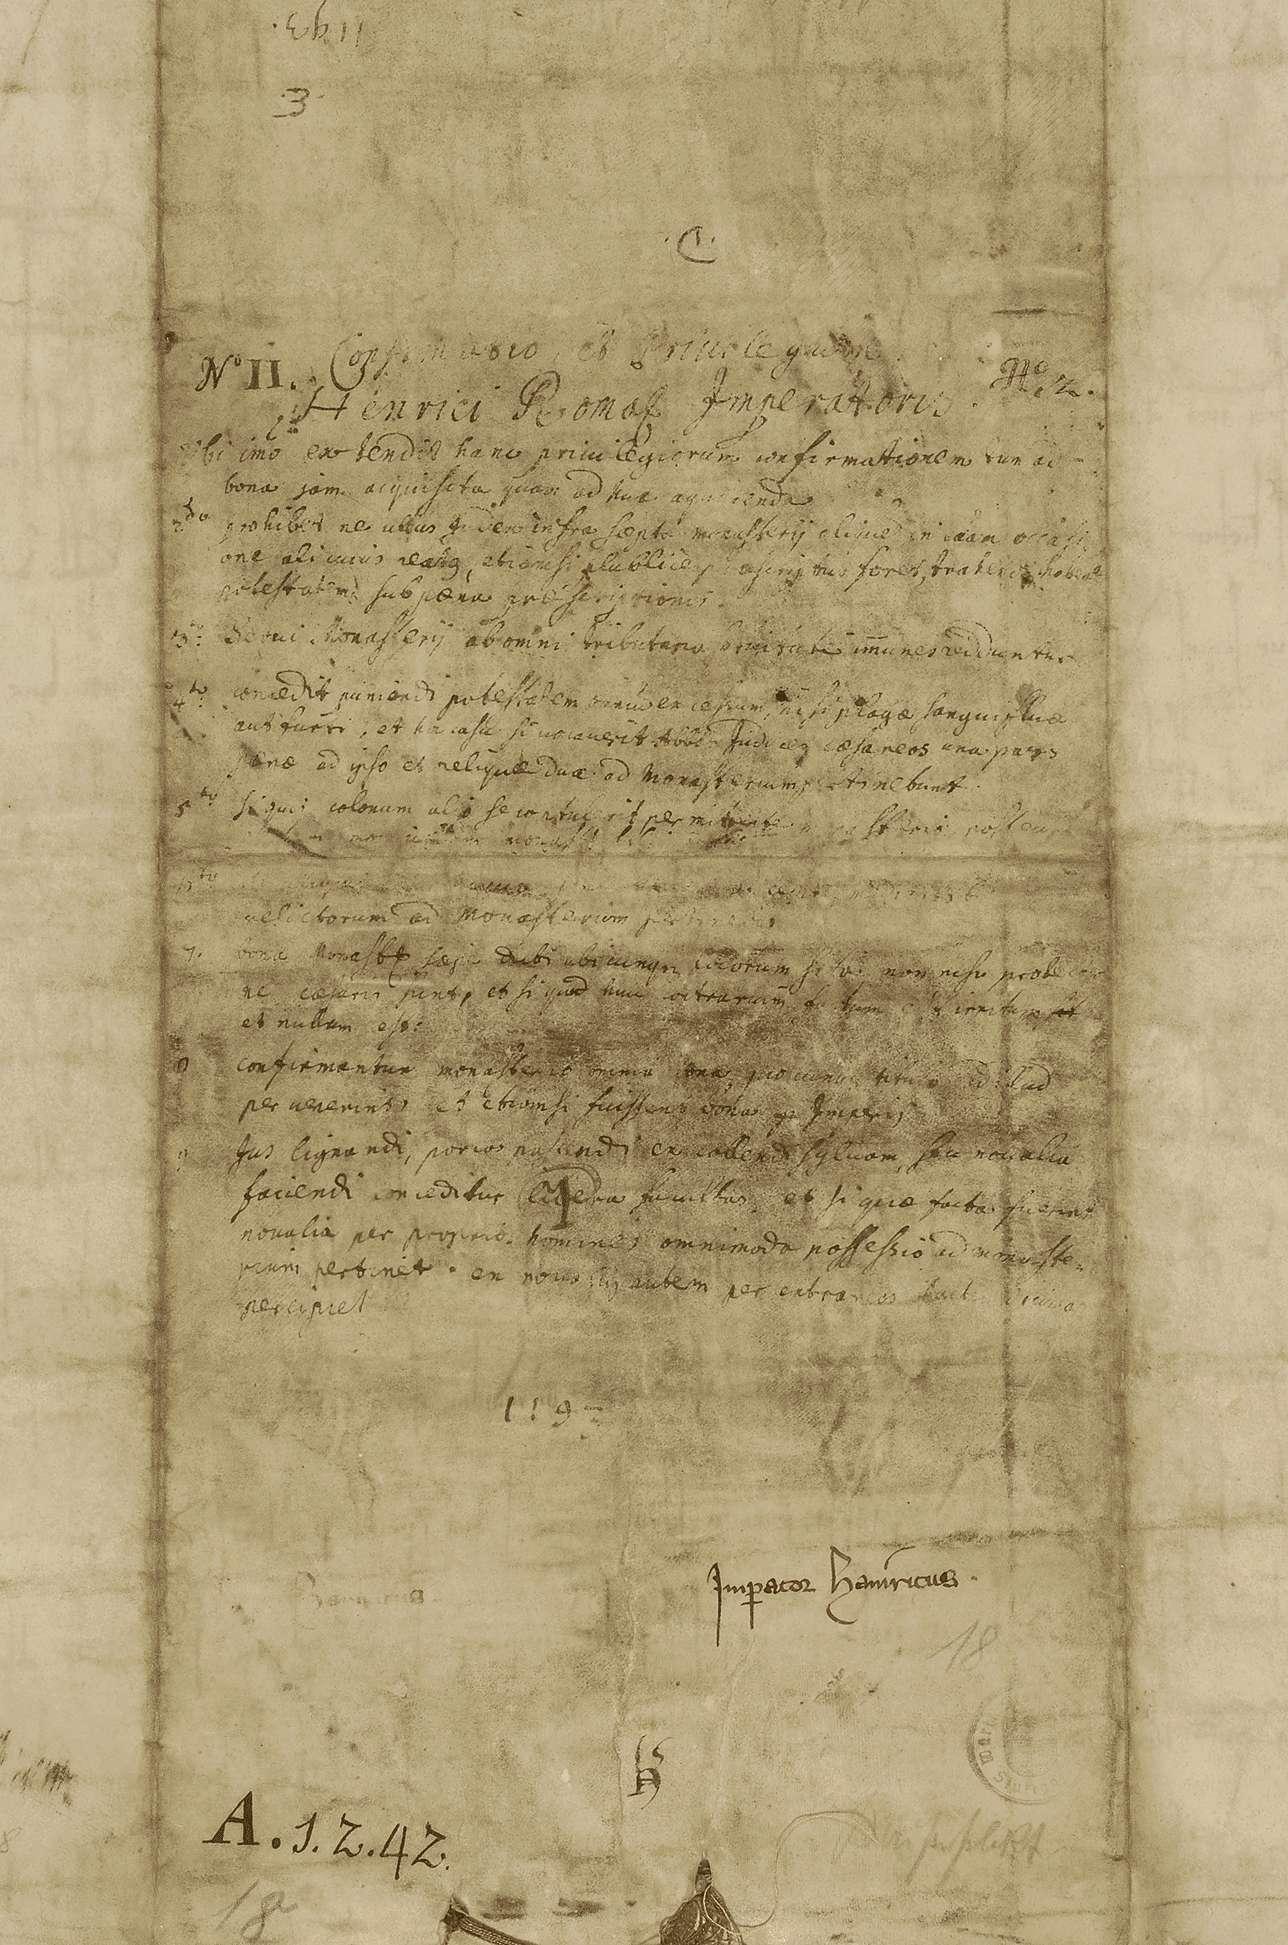 Kaiser Heinrich VI. bestätigt den Besitz und verschiedene, näher beschriebene Rechte des Benediktinerklosters Weingarten., Bild 2